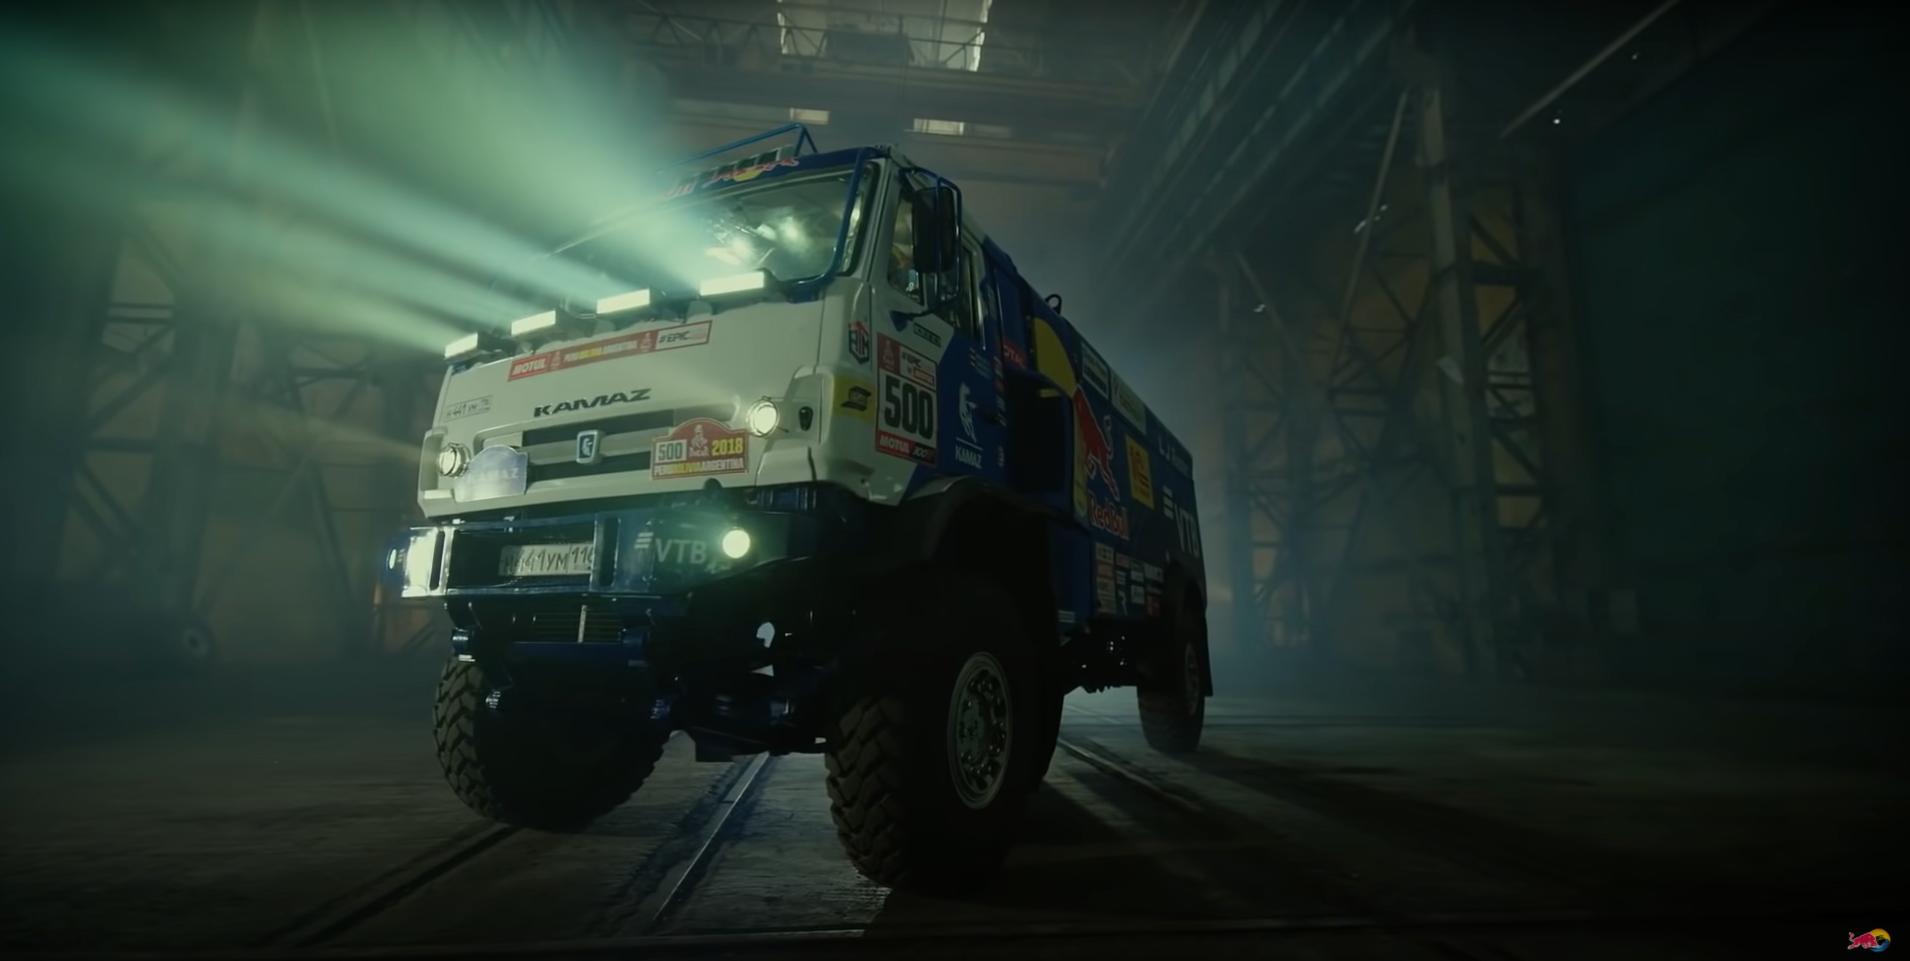 Kamaz Dakar Race Truck